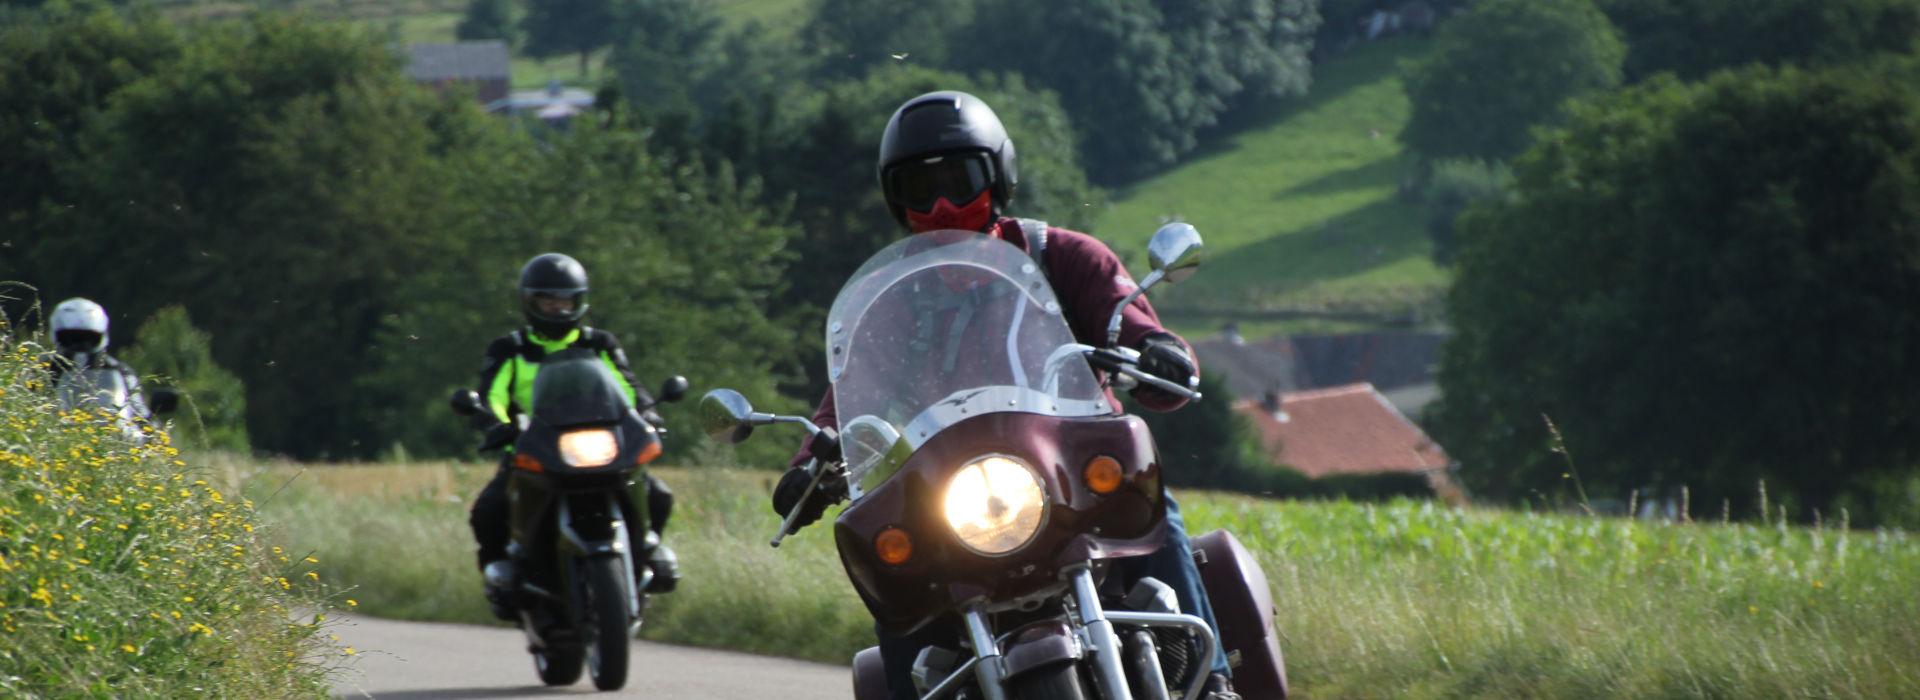 Motorrijbewijspoint Delft spoedopleiding motorrijbewijs